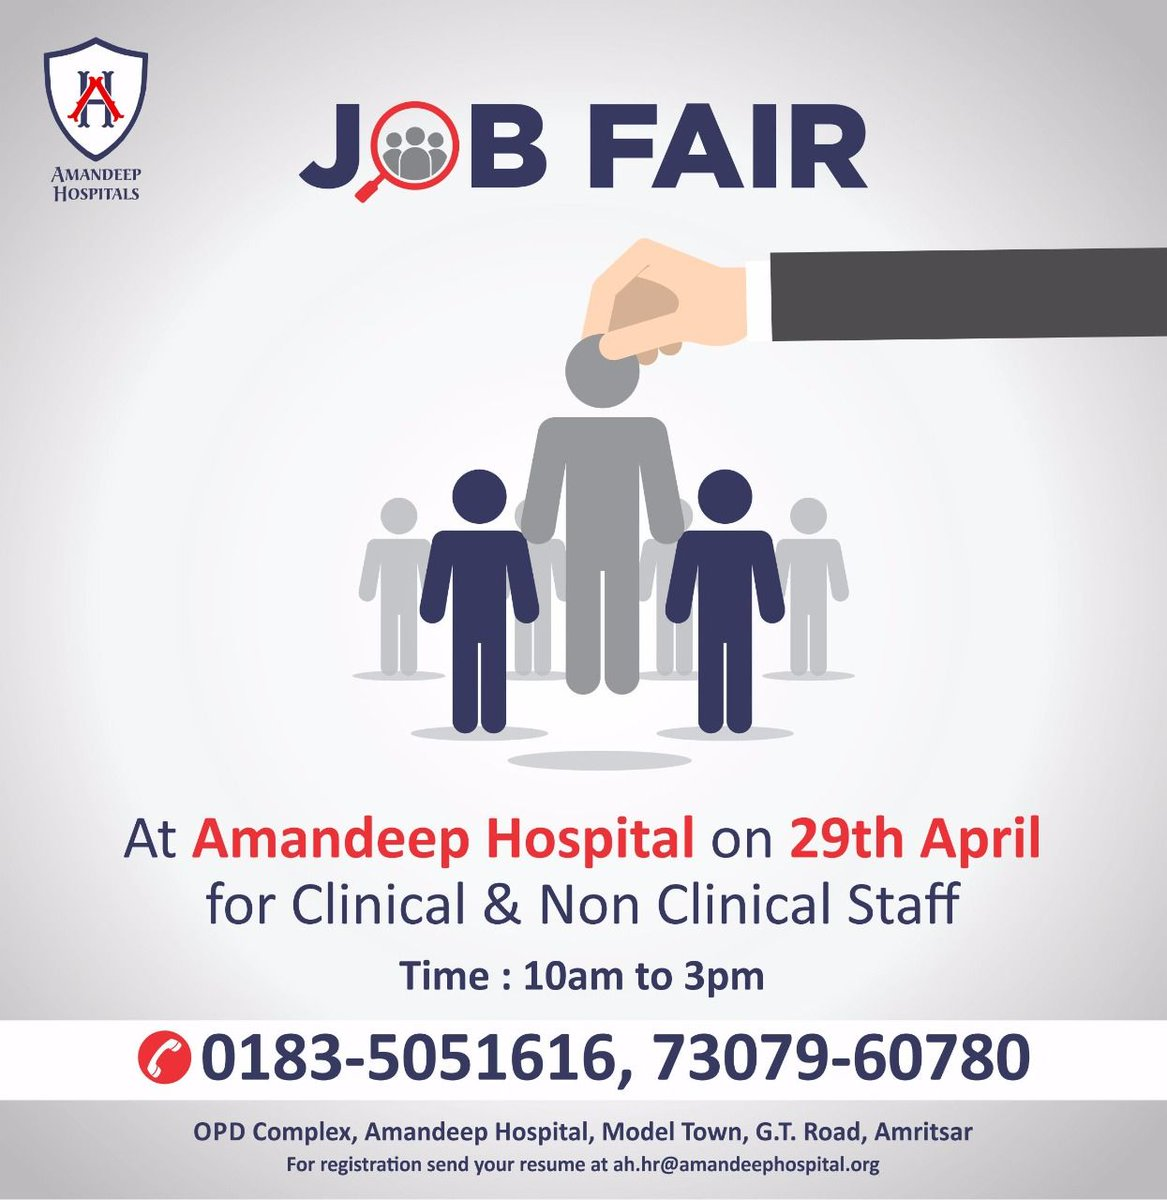 Amandeep Hospital on Twitter: